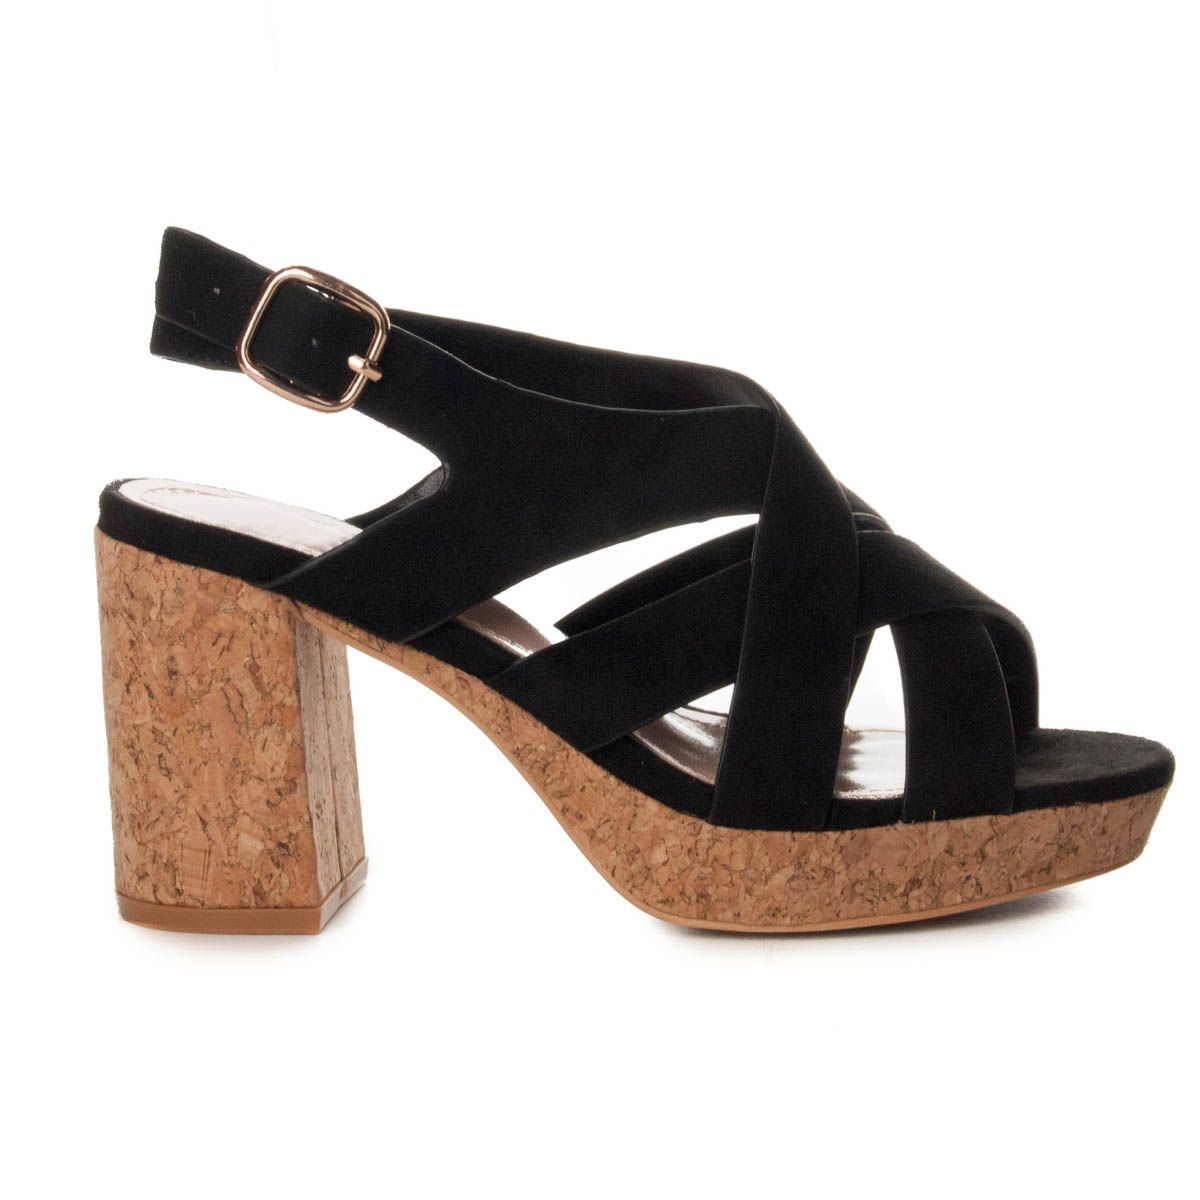 Montevita Platform Sandal in Black